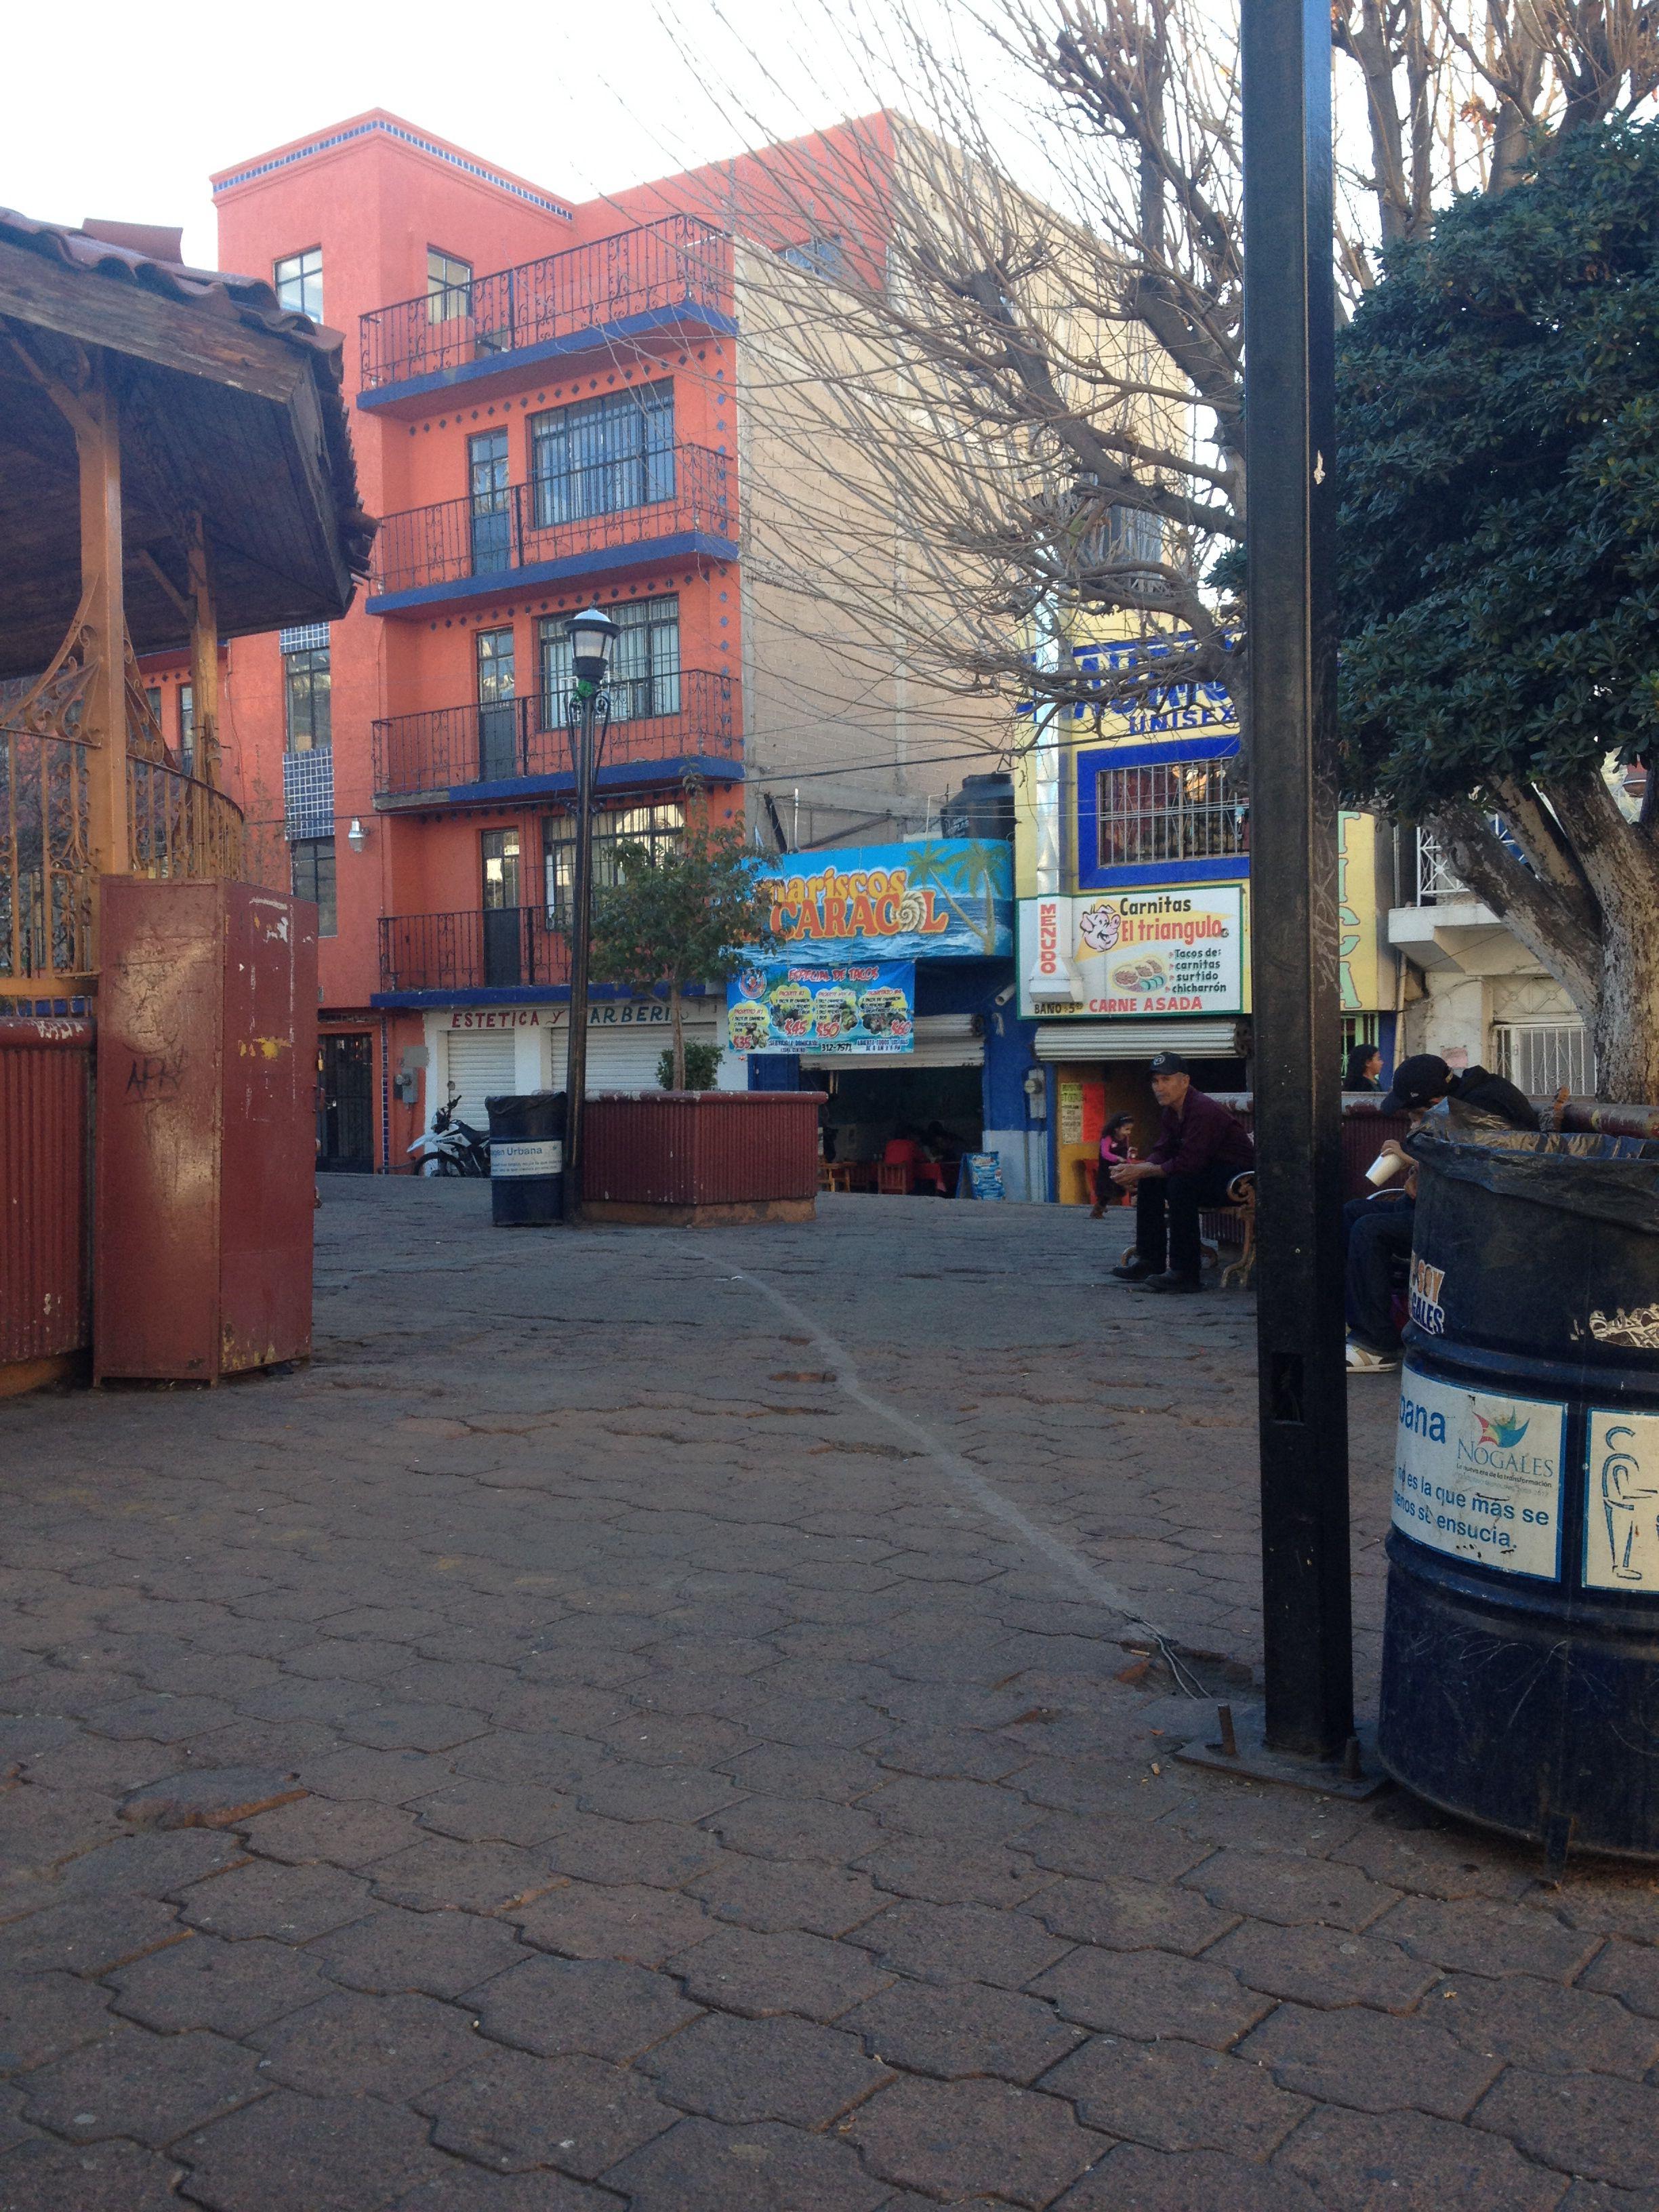 Kiosco Nogales Sonora M Xico Mi Nogales Sonora Mexico  # Muebles Nogales Sonora